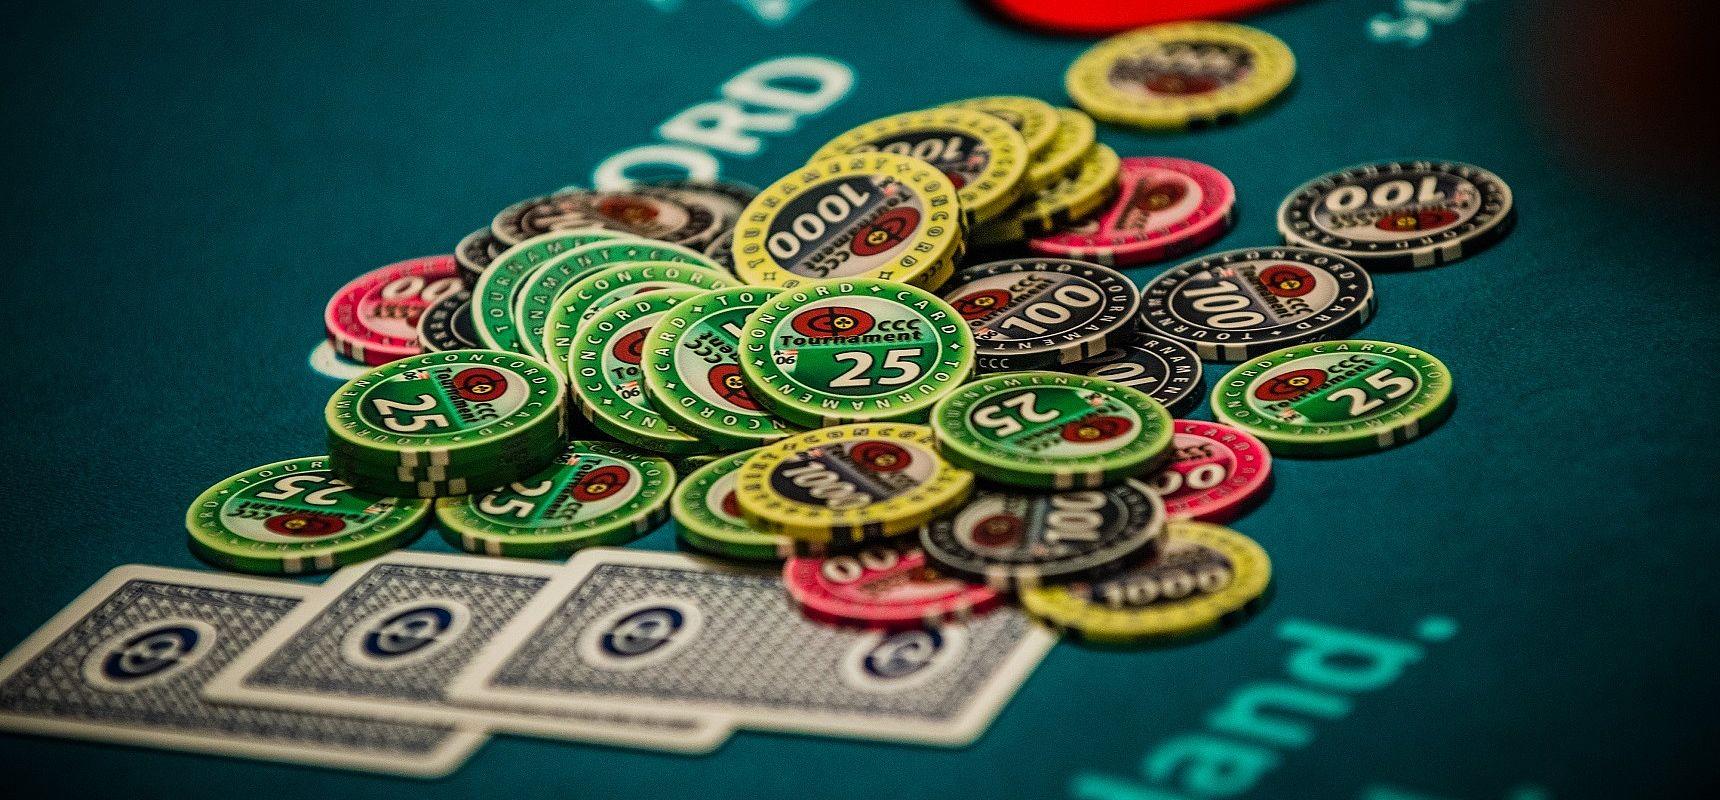 ccc casino